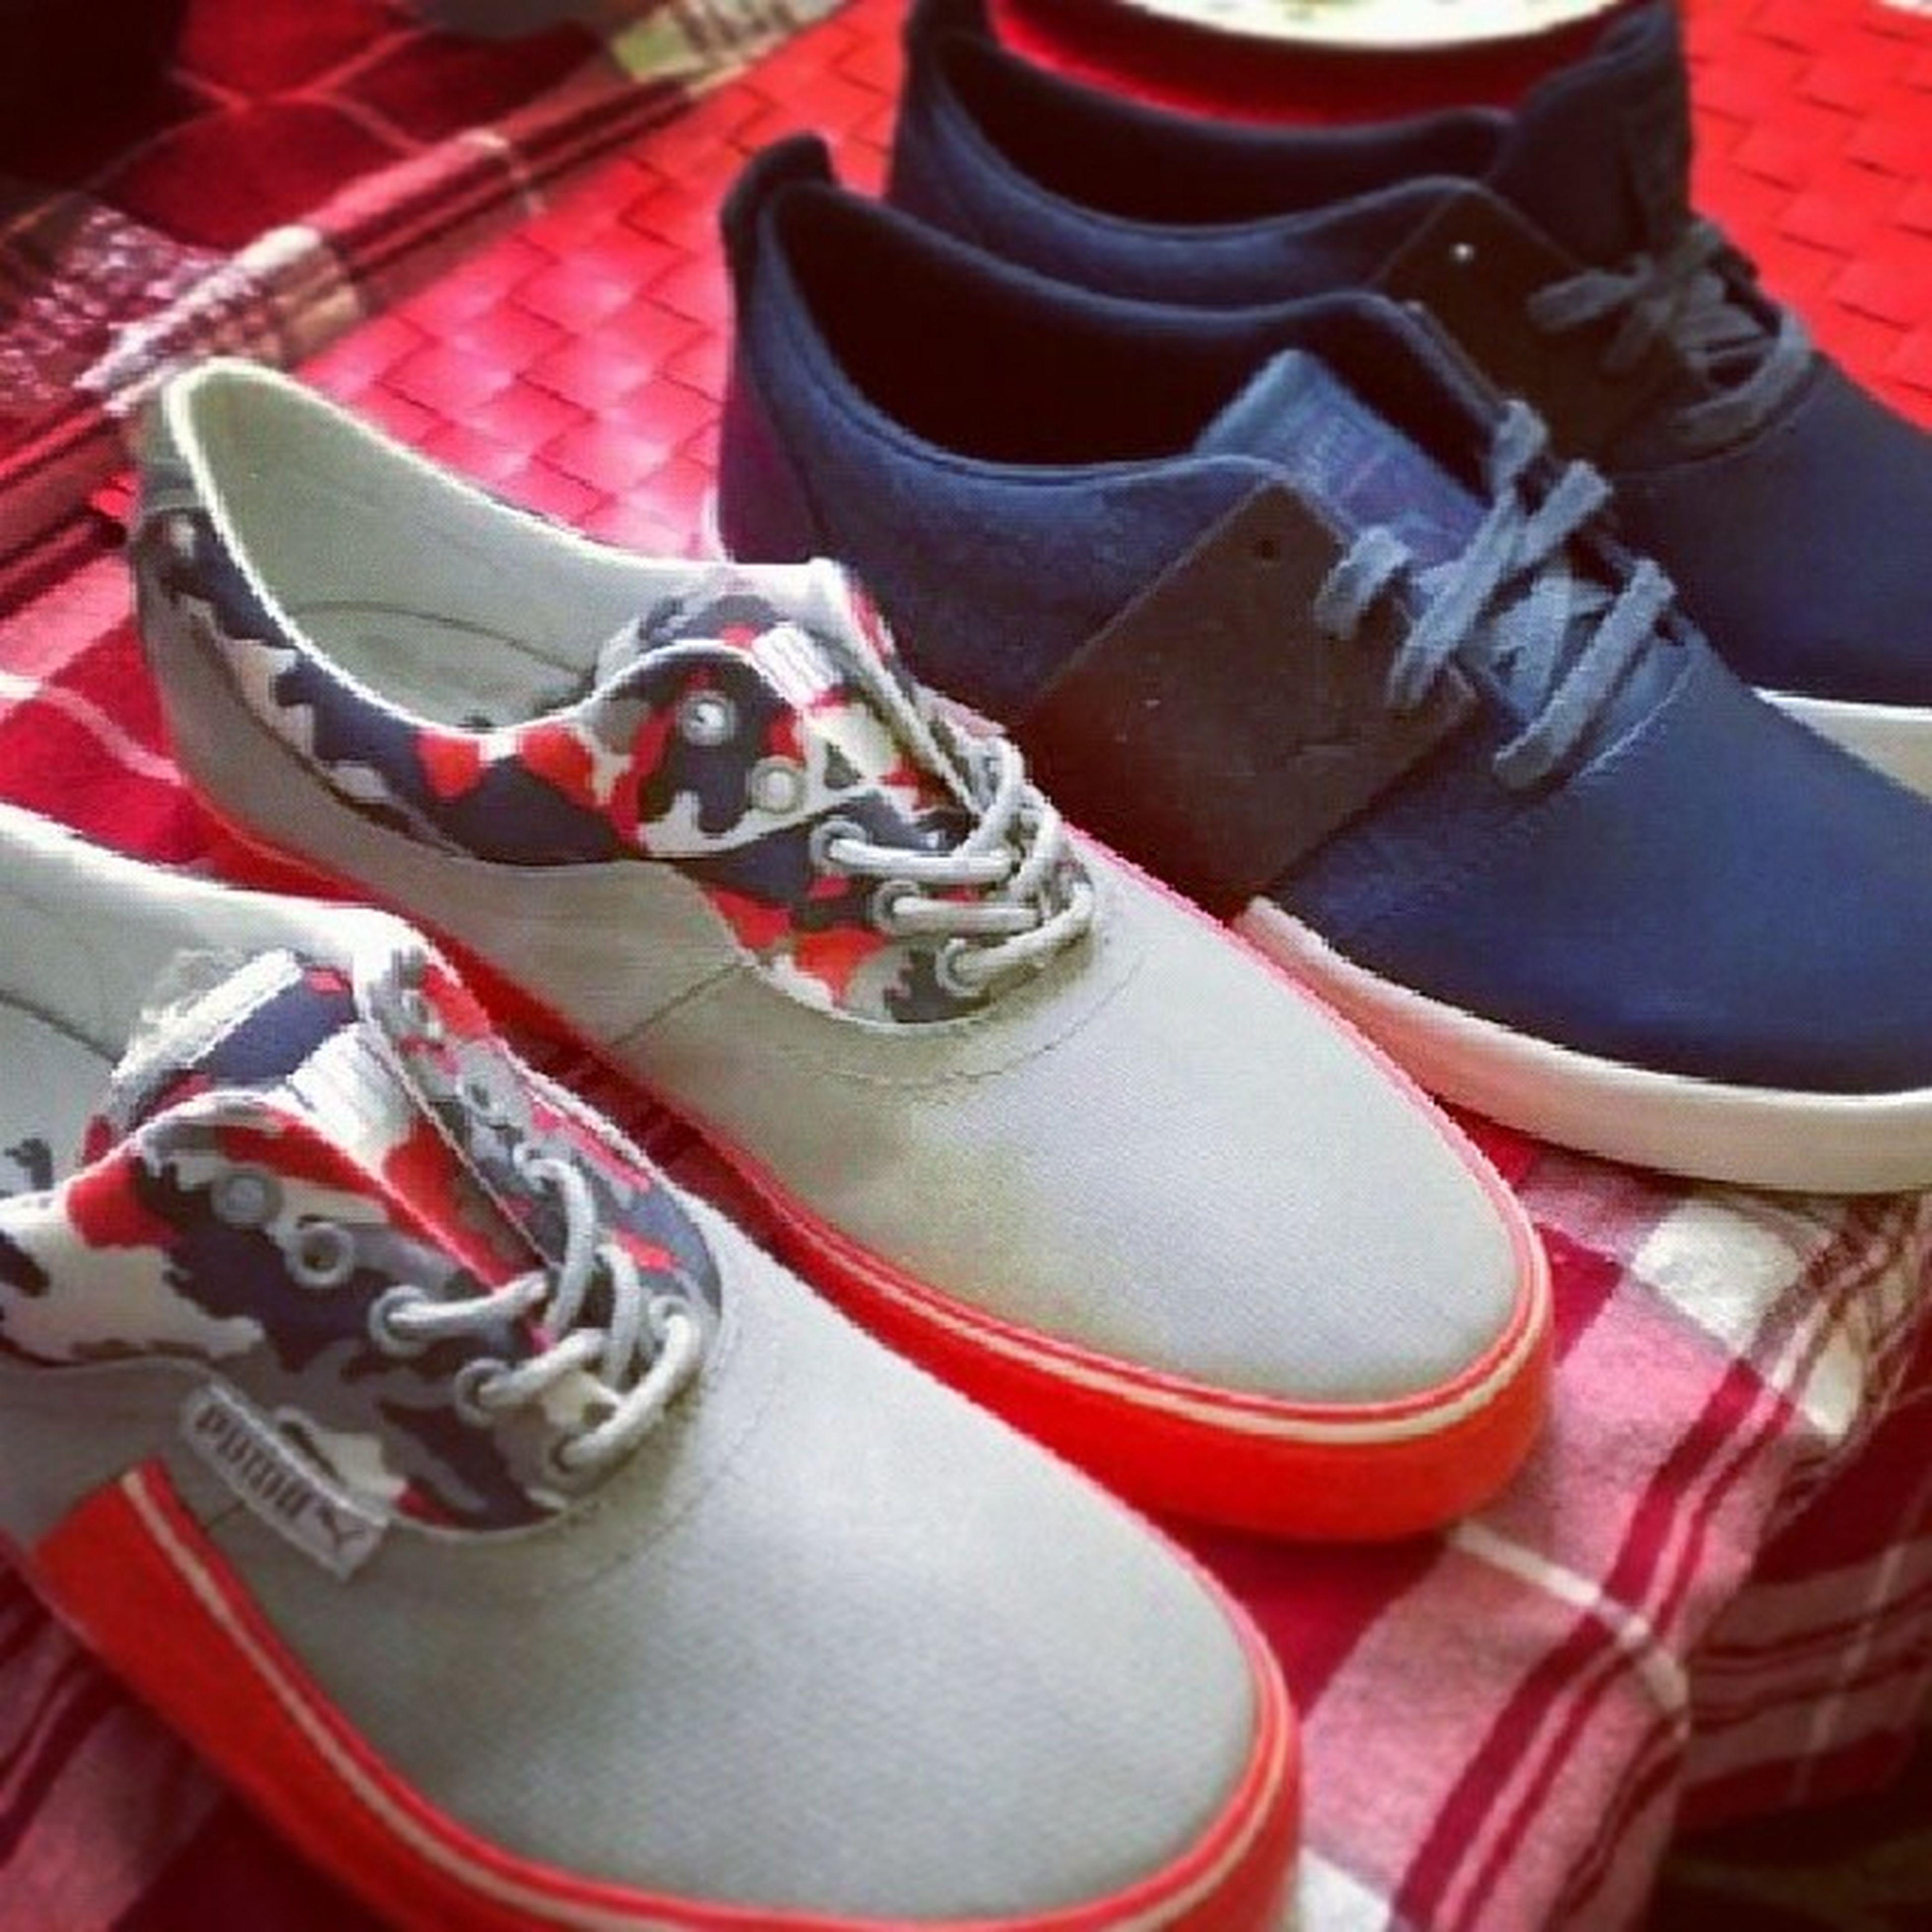 Xmass2me Shoes News Puma Orange Blue Siempreperfumadoybienpeinadito Sololomejor Estamoscomoqueremos lmaoooo Biencabron